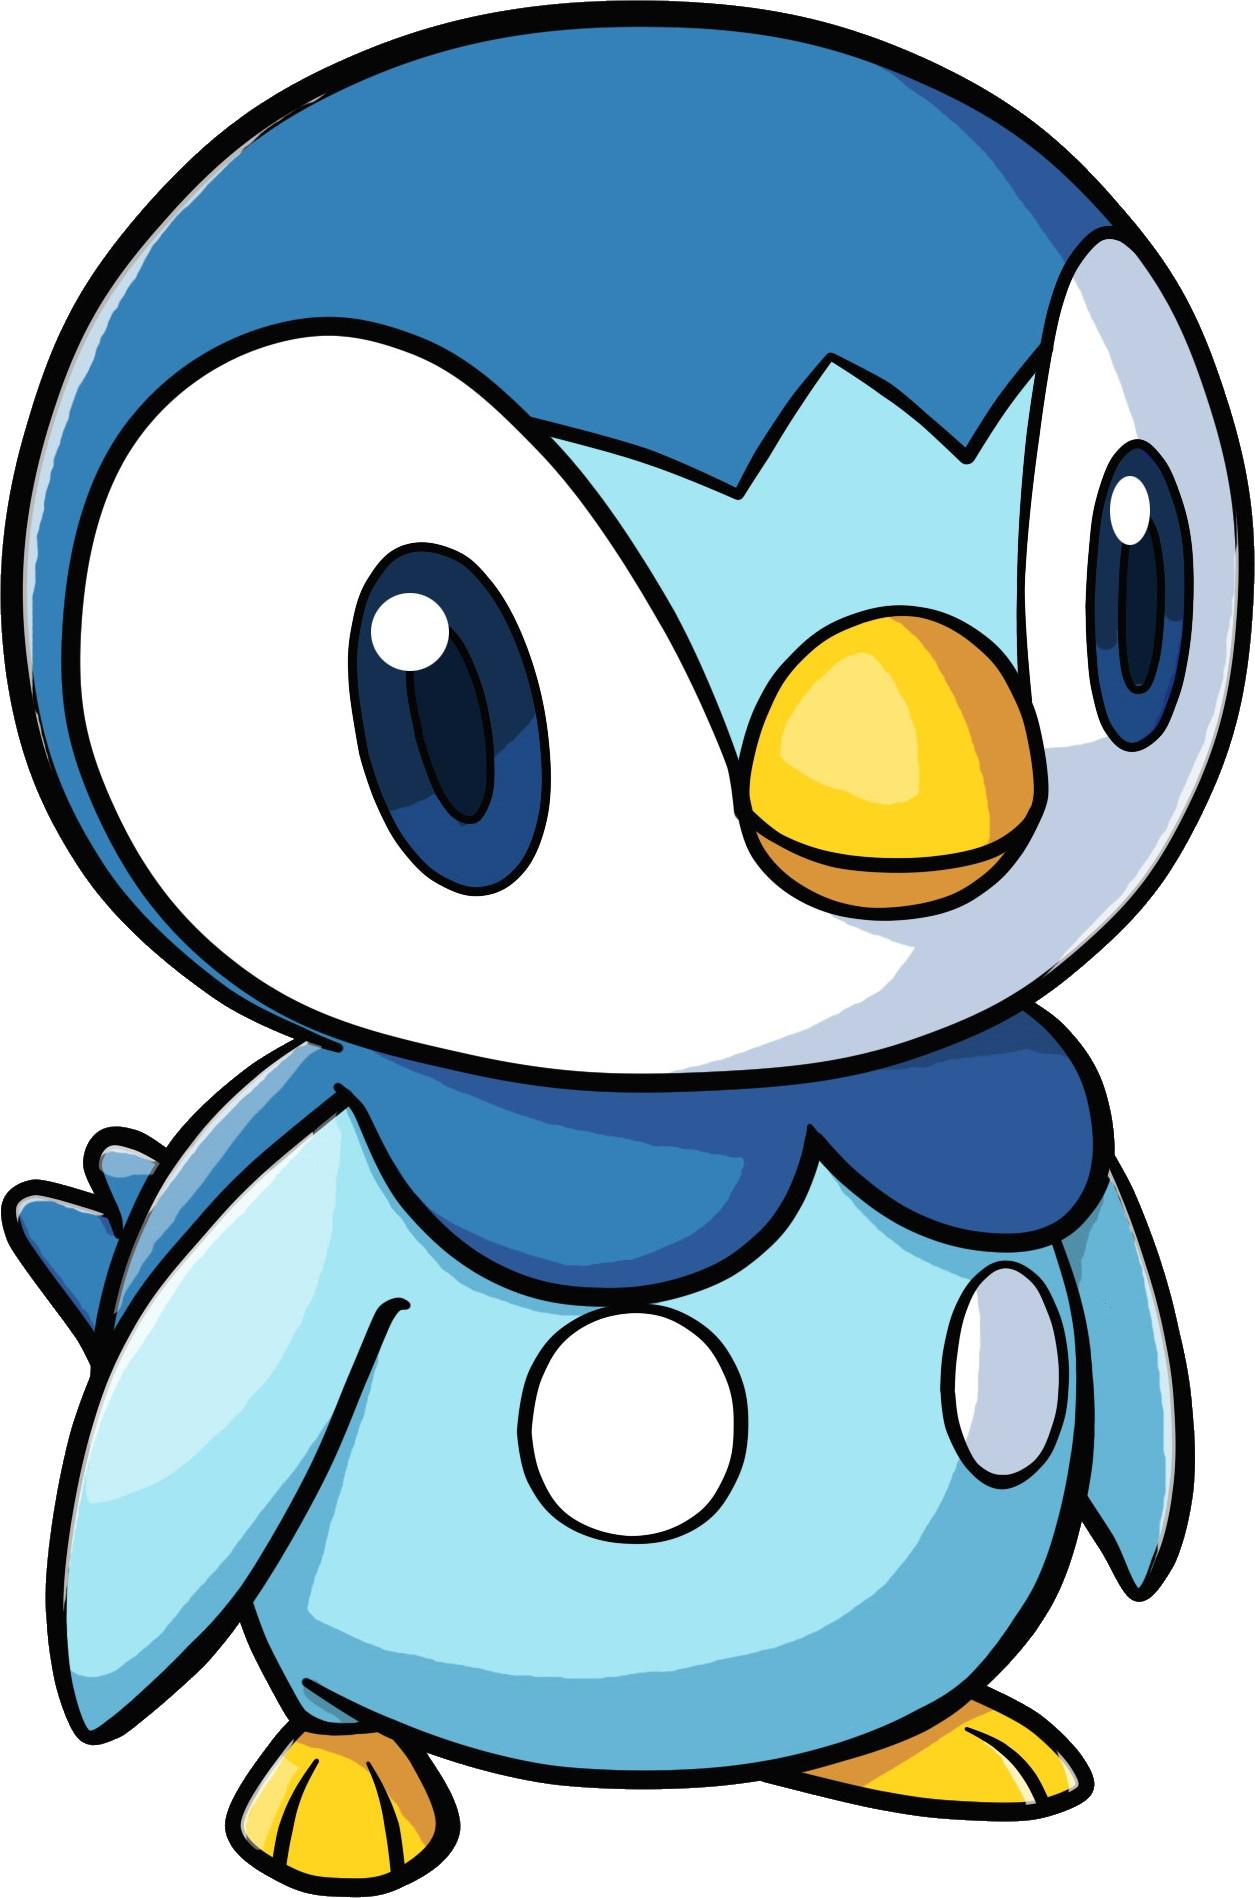 Piplup | Pokémon Wiki | Fandom powered by Wikia